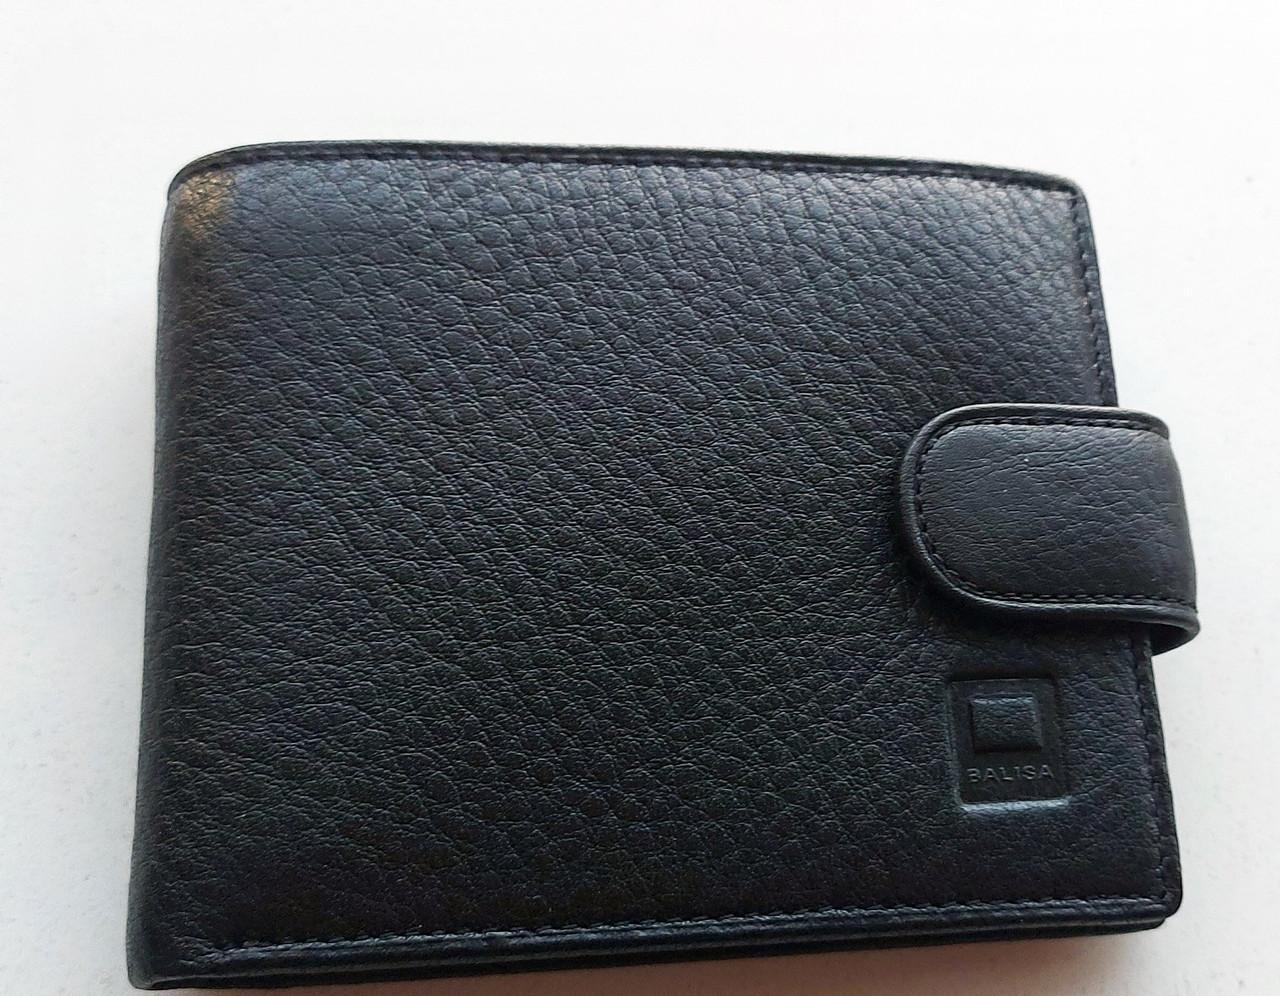 Мужское кожаное портмоне BA 6-25 black, купить мужское портмоне Balisa недорого в Украине